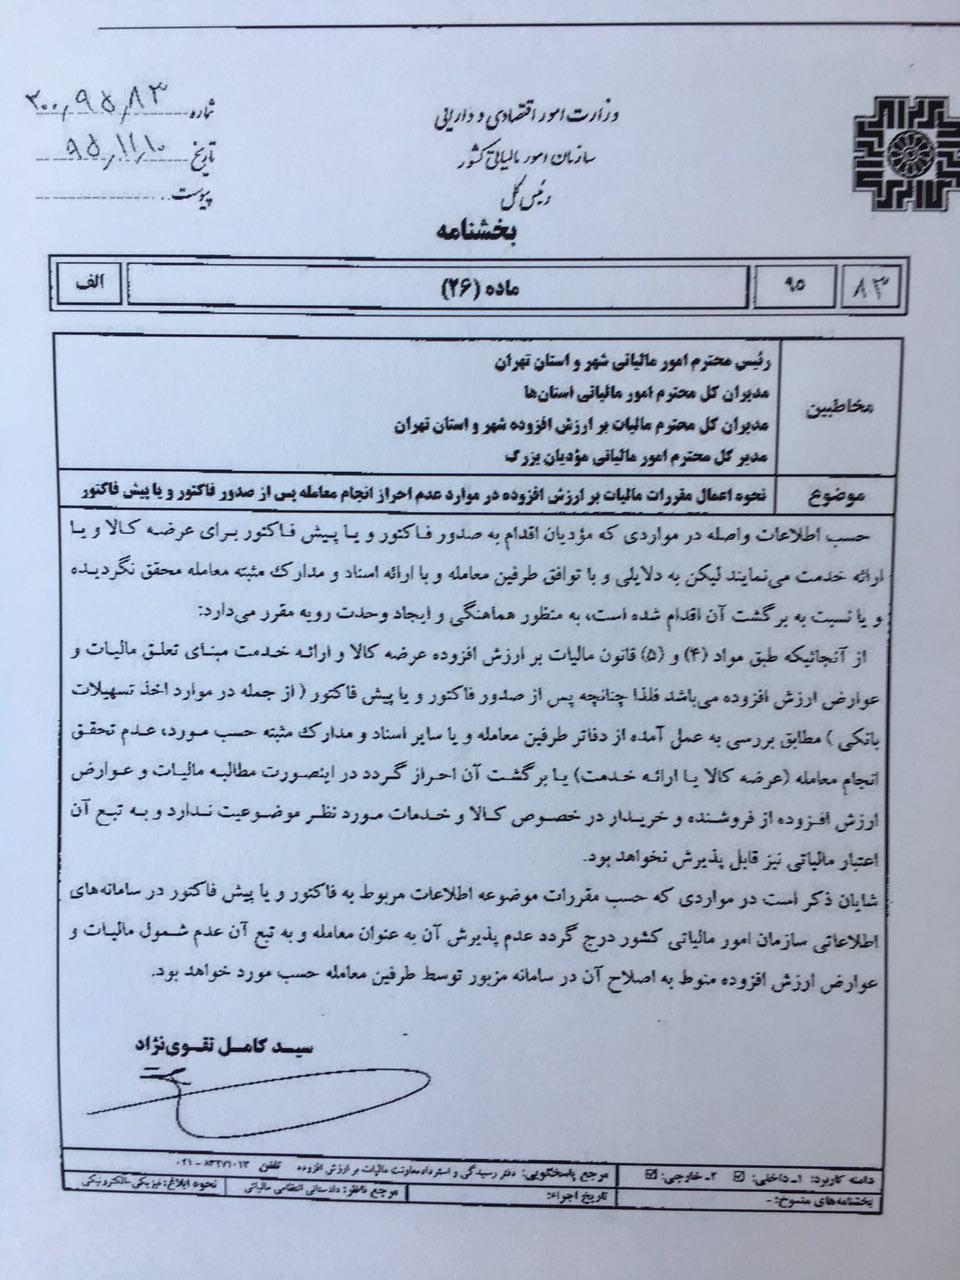 بخشنامه عیدی 95 اداره کل امور اقتصادی و دارایی استان مازندران